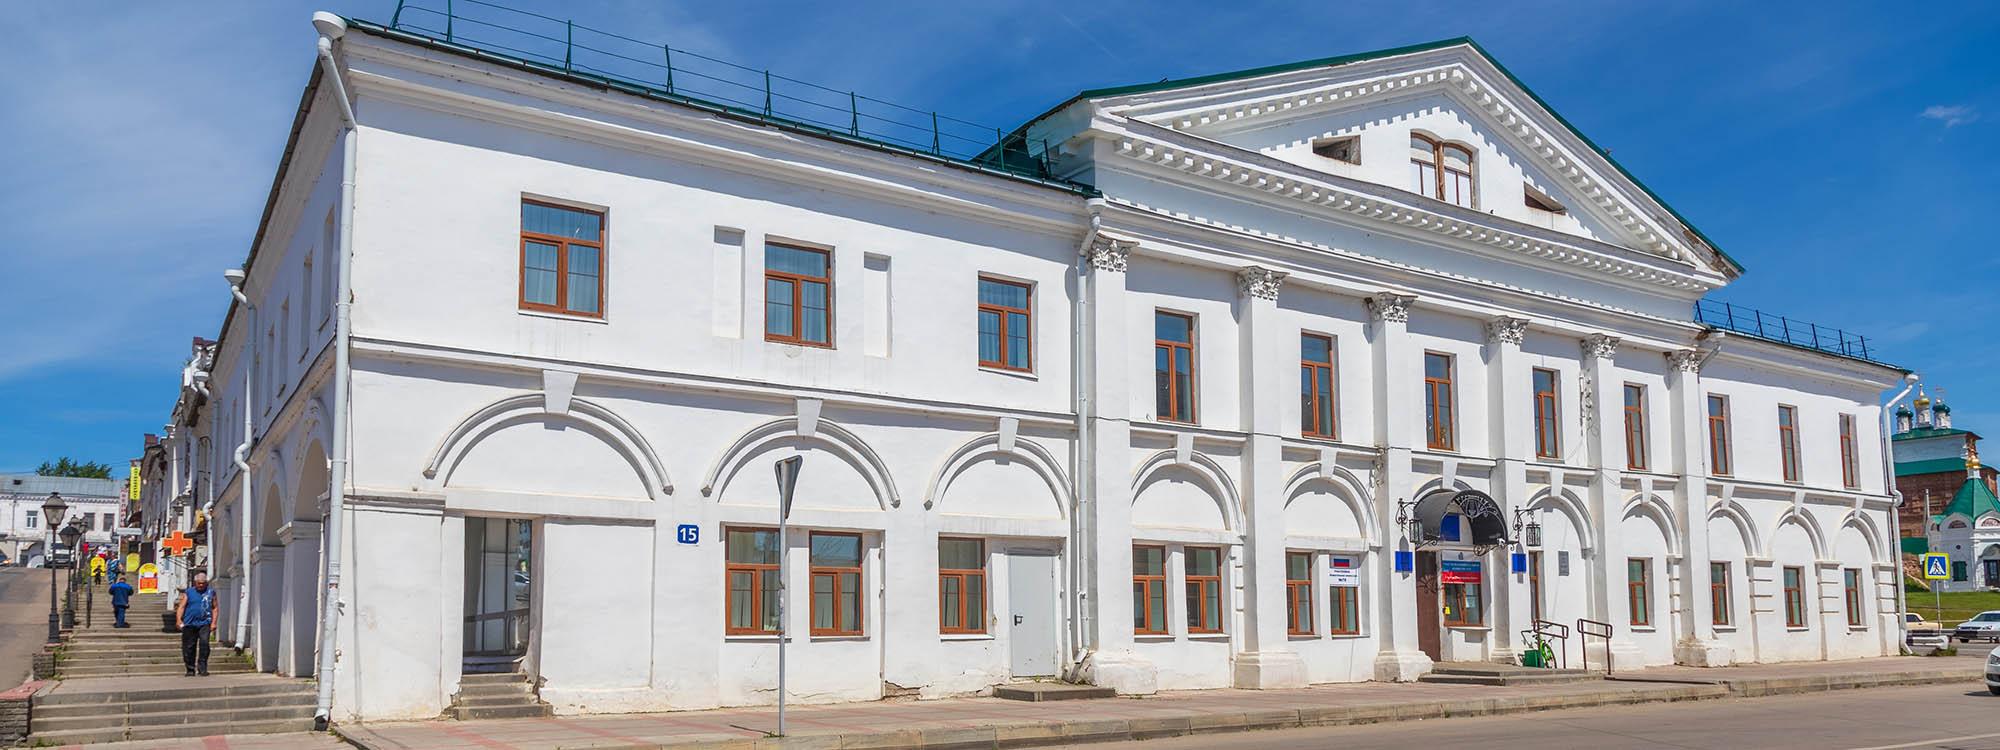 Здание арзамасской биржи